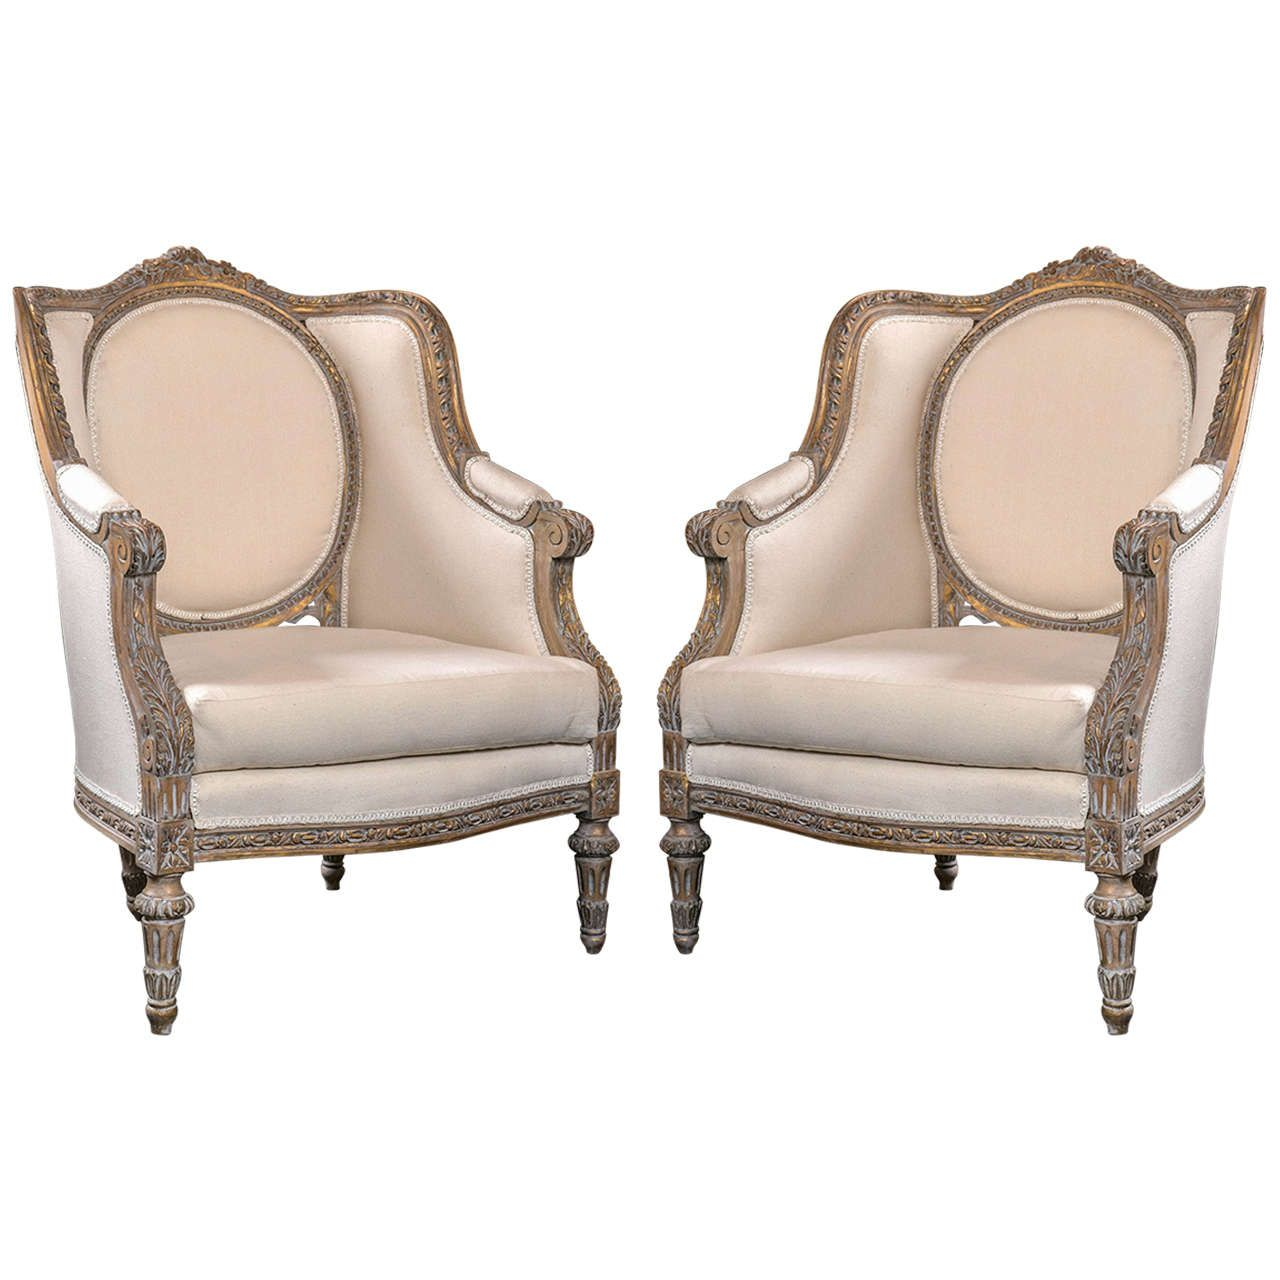 Antique Style Chairs - Antique Style Chairs Antique Furniture